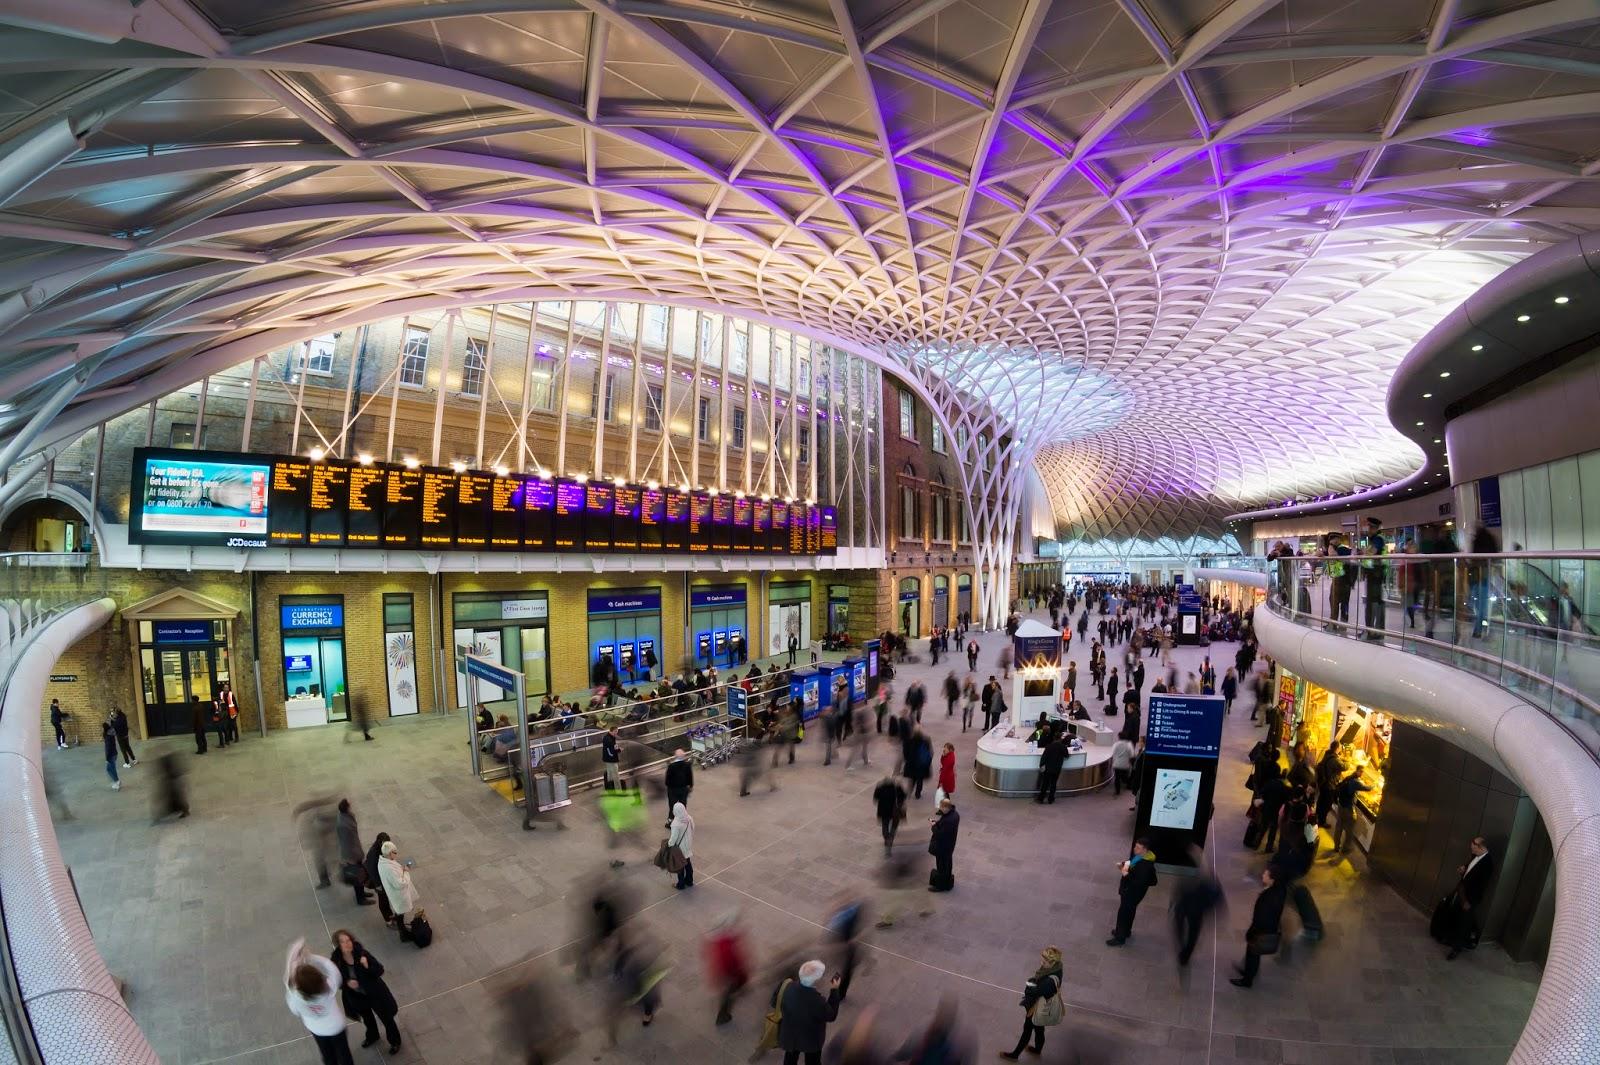 http://en.wikipedia.org/wiki/London_King%27s_Cross_railway_station